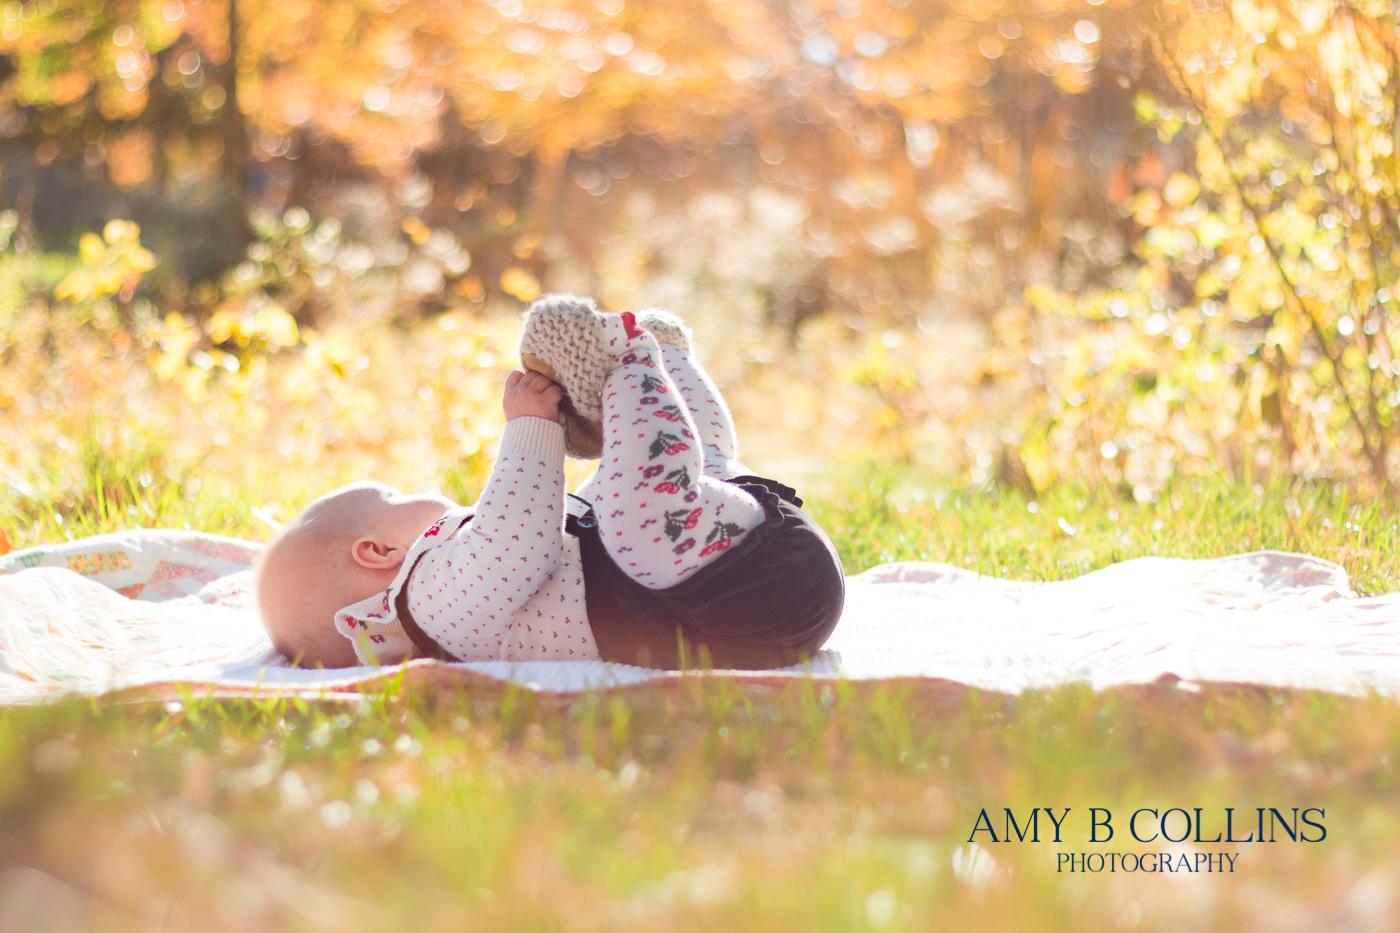 Amy_B_Collins_Photographer_Needham - 18.jpg